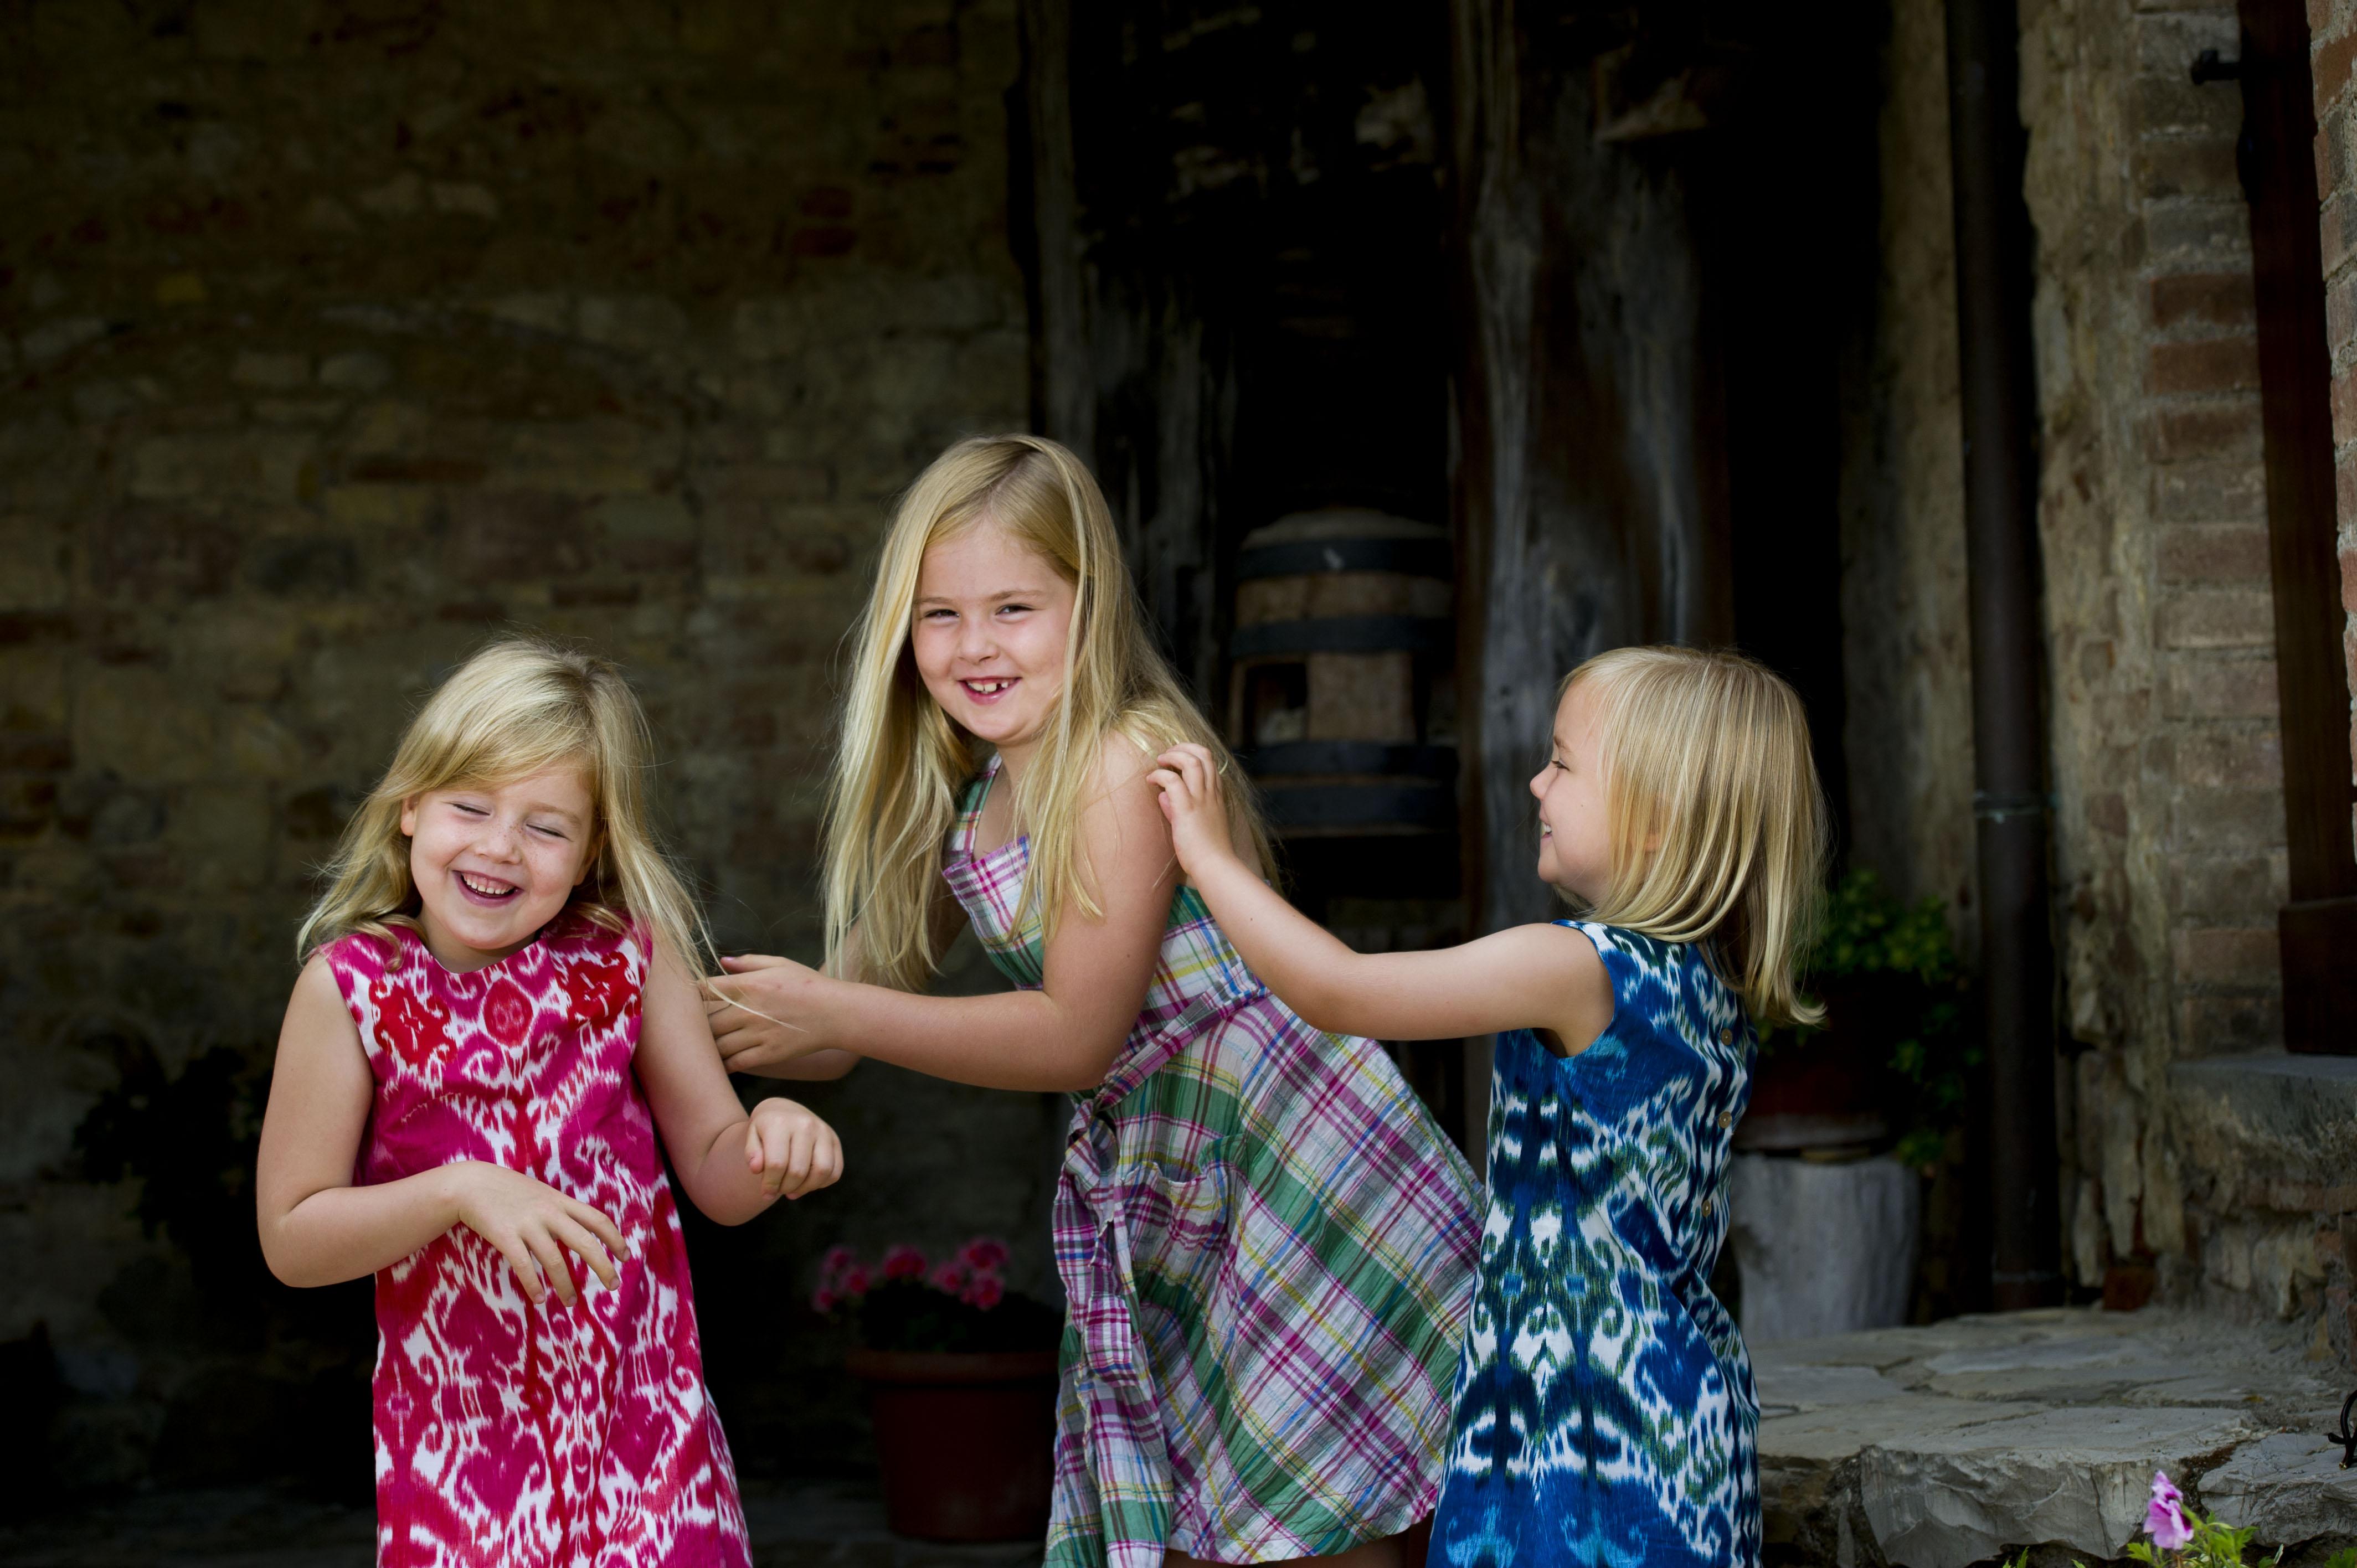 De prinsessen Alexia, Amalia (M) en Ariane (R) maandag op de binnenplaats van het vakantiehuis van koningin Beatrix in het Italiaanse Tavarnelle in 2006.